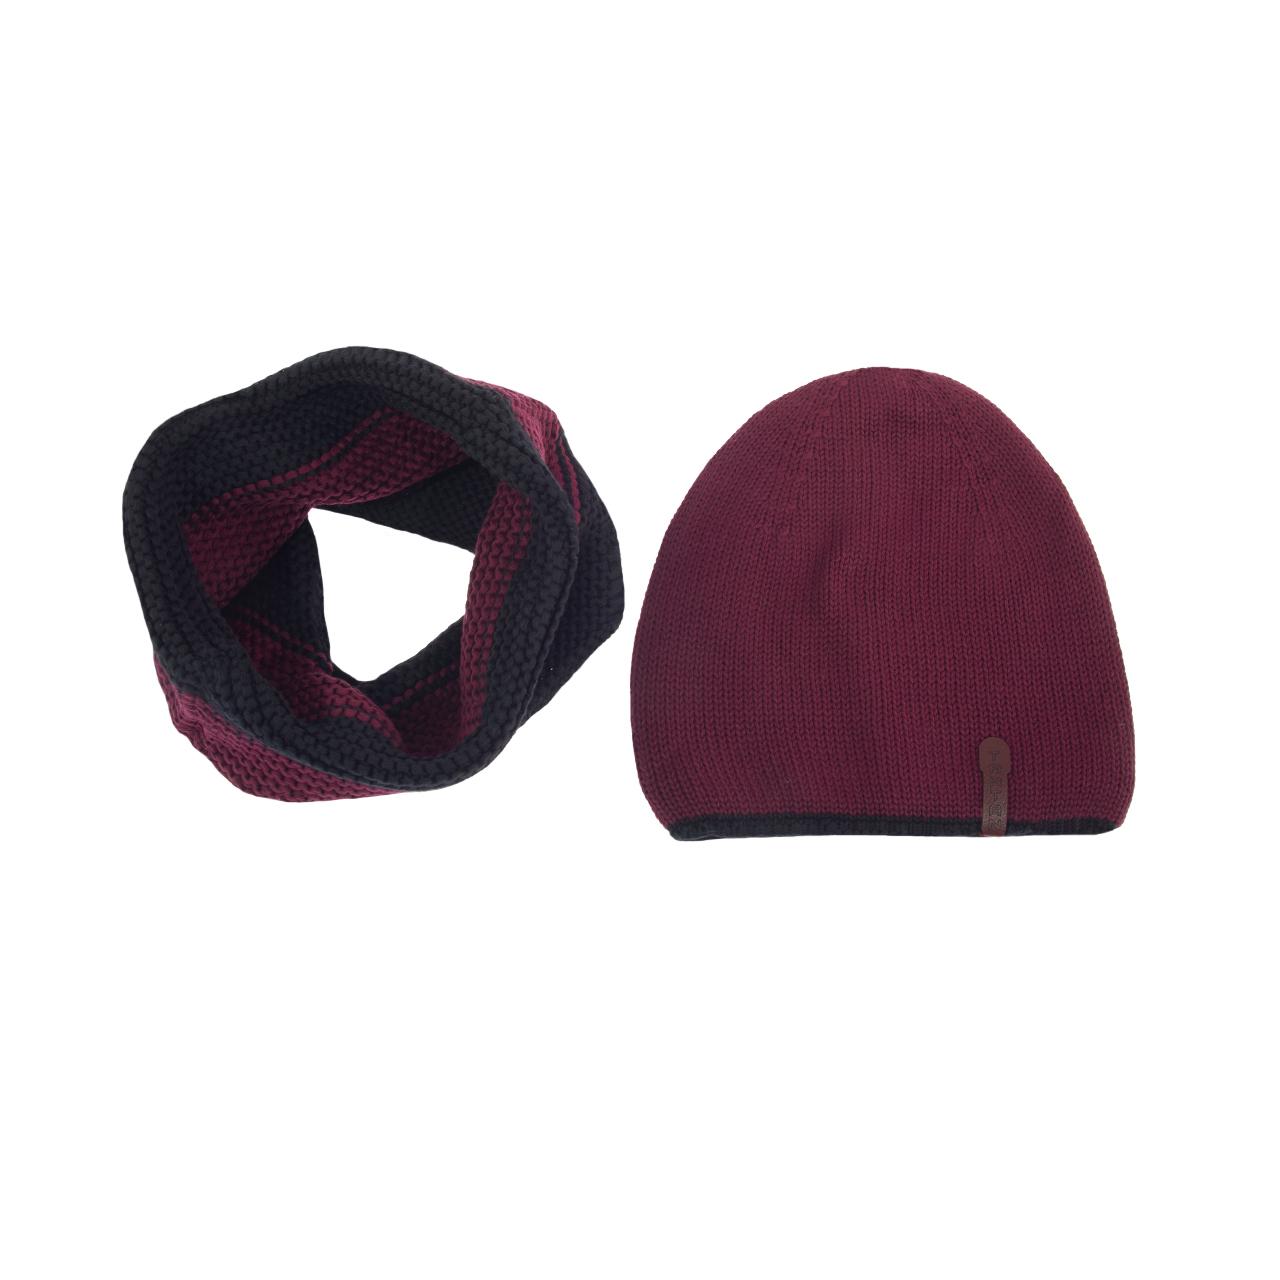 ست کلاه و شال گردن بافتنی تارتن کد 20014